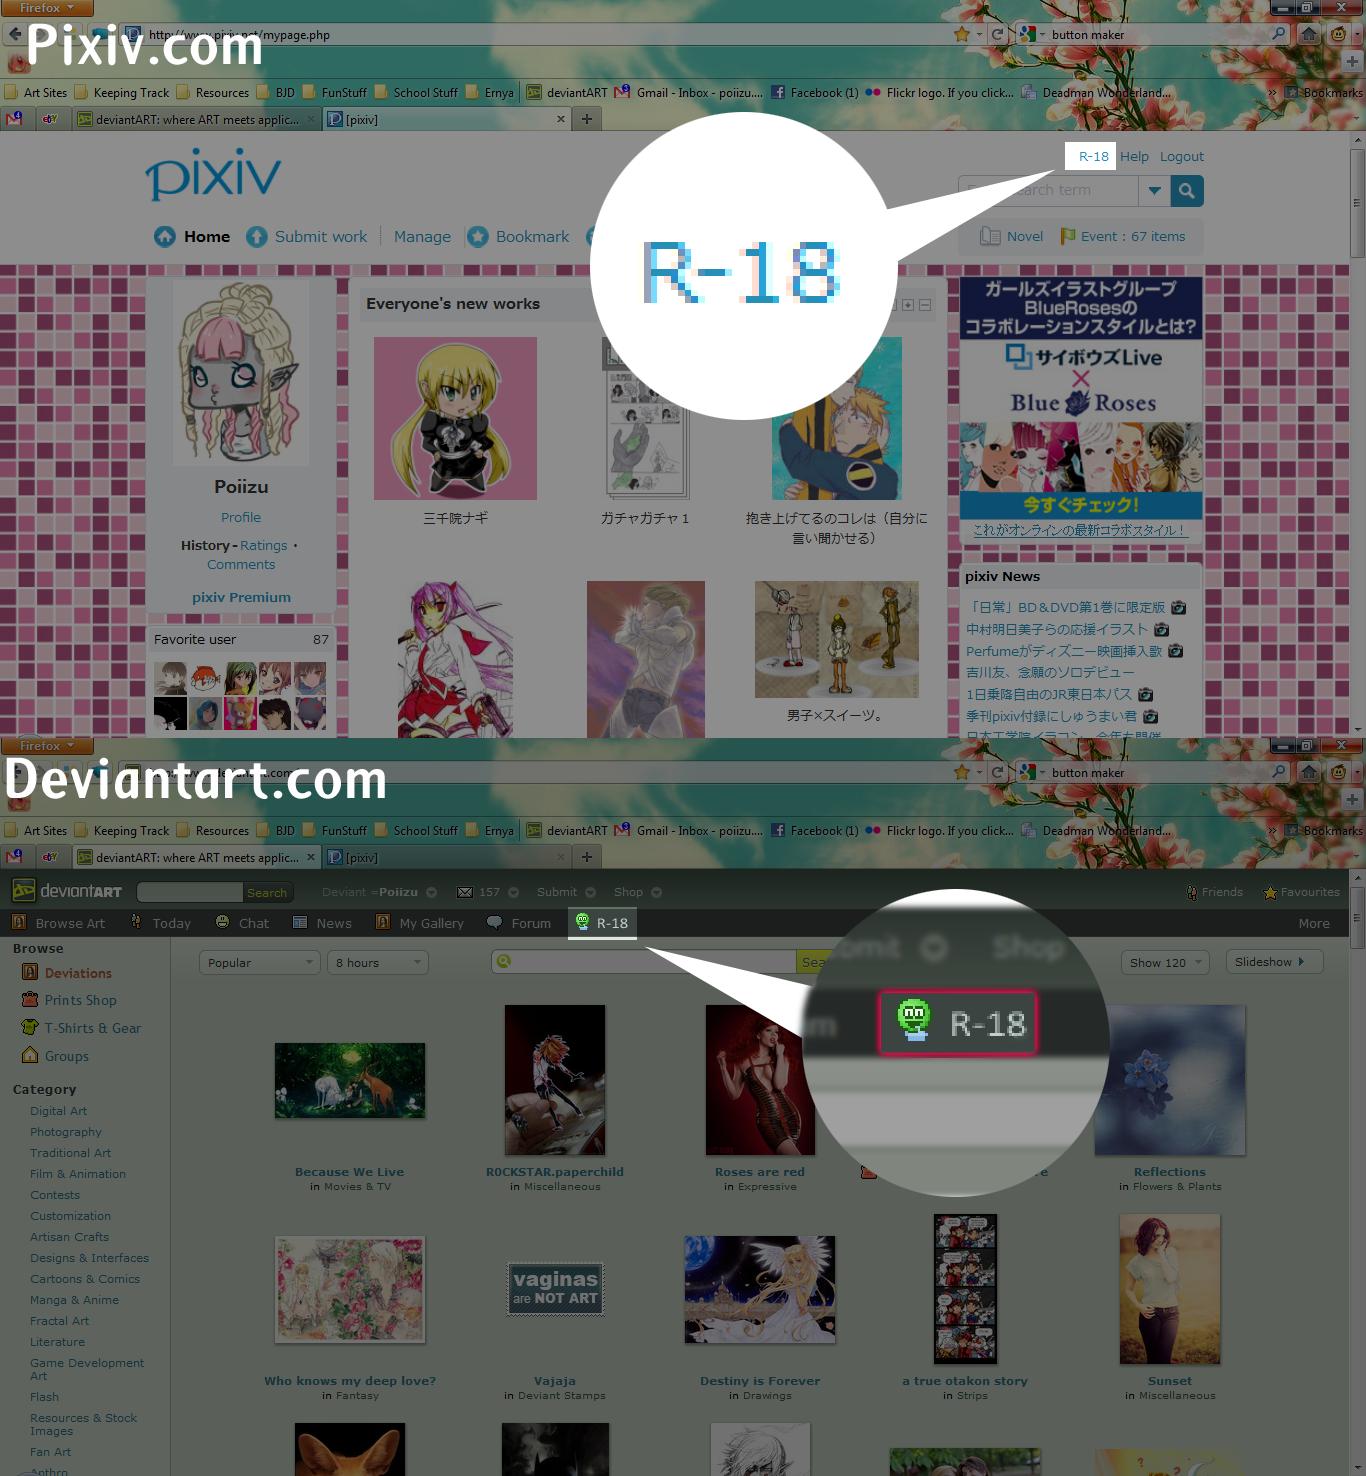 Deviantart Suggestion - R18 by Poiizu